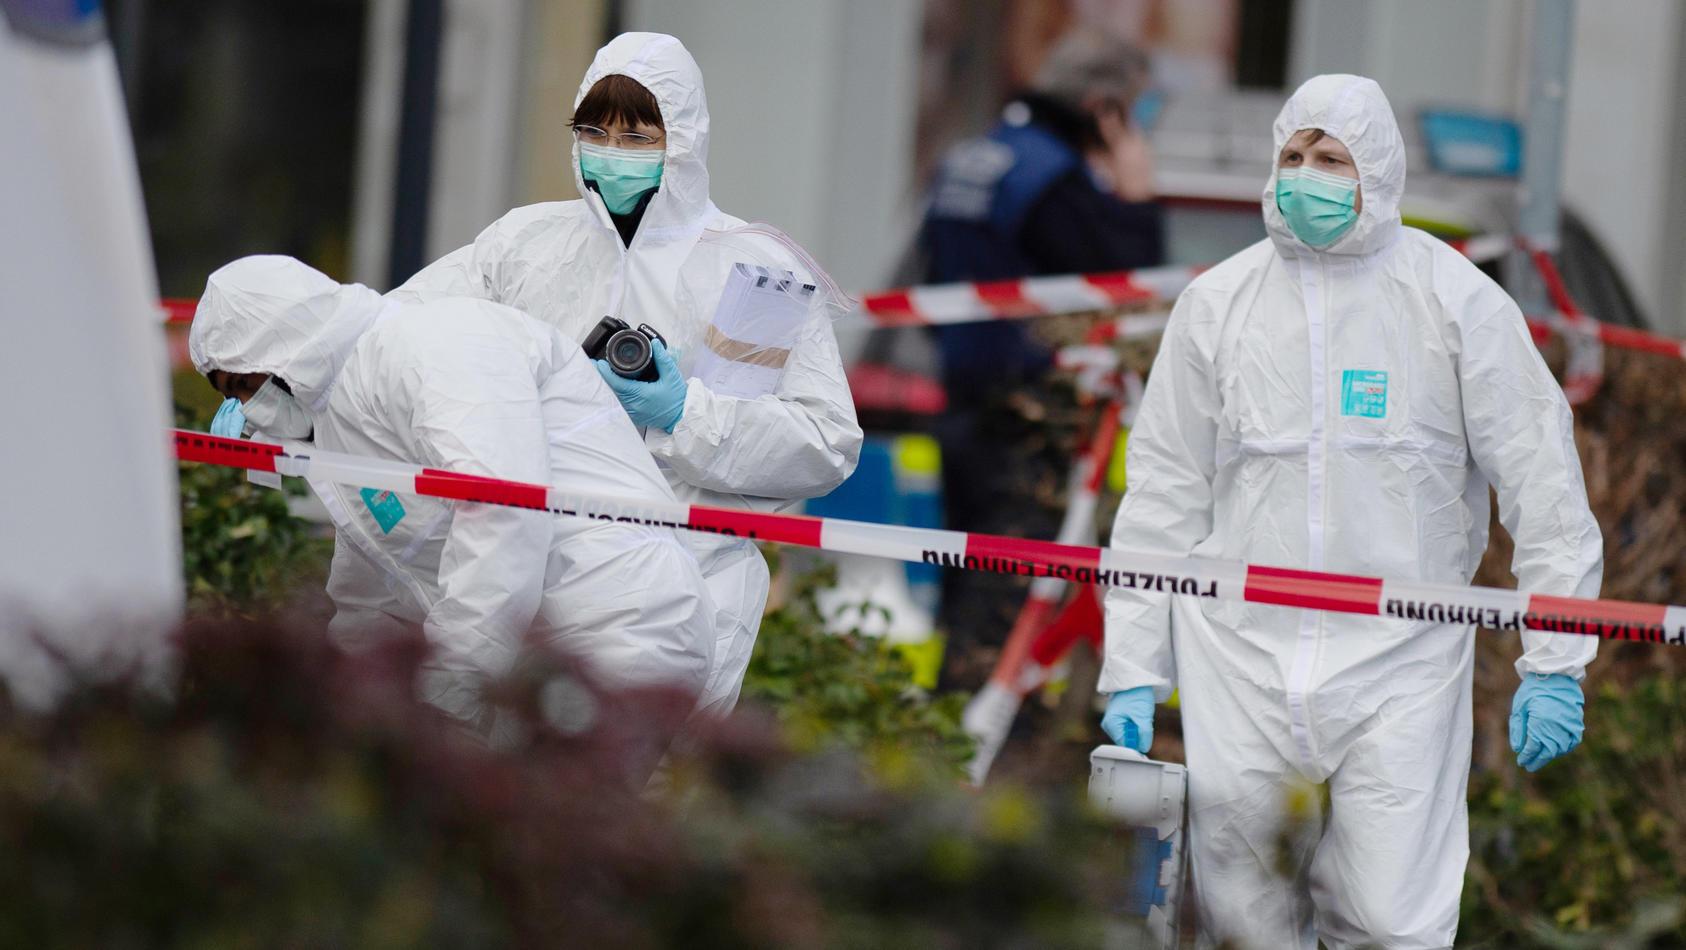 Am 19. Februar hatte Tobias Rathjen in Hanau neun Menschen mit Migrationshintergrund erschossen und anschließend seine Mutter und sich selbst getötet.